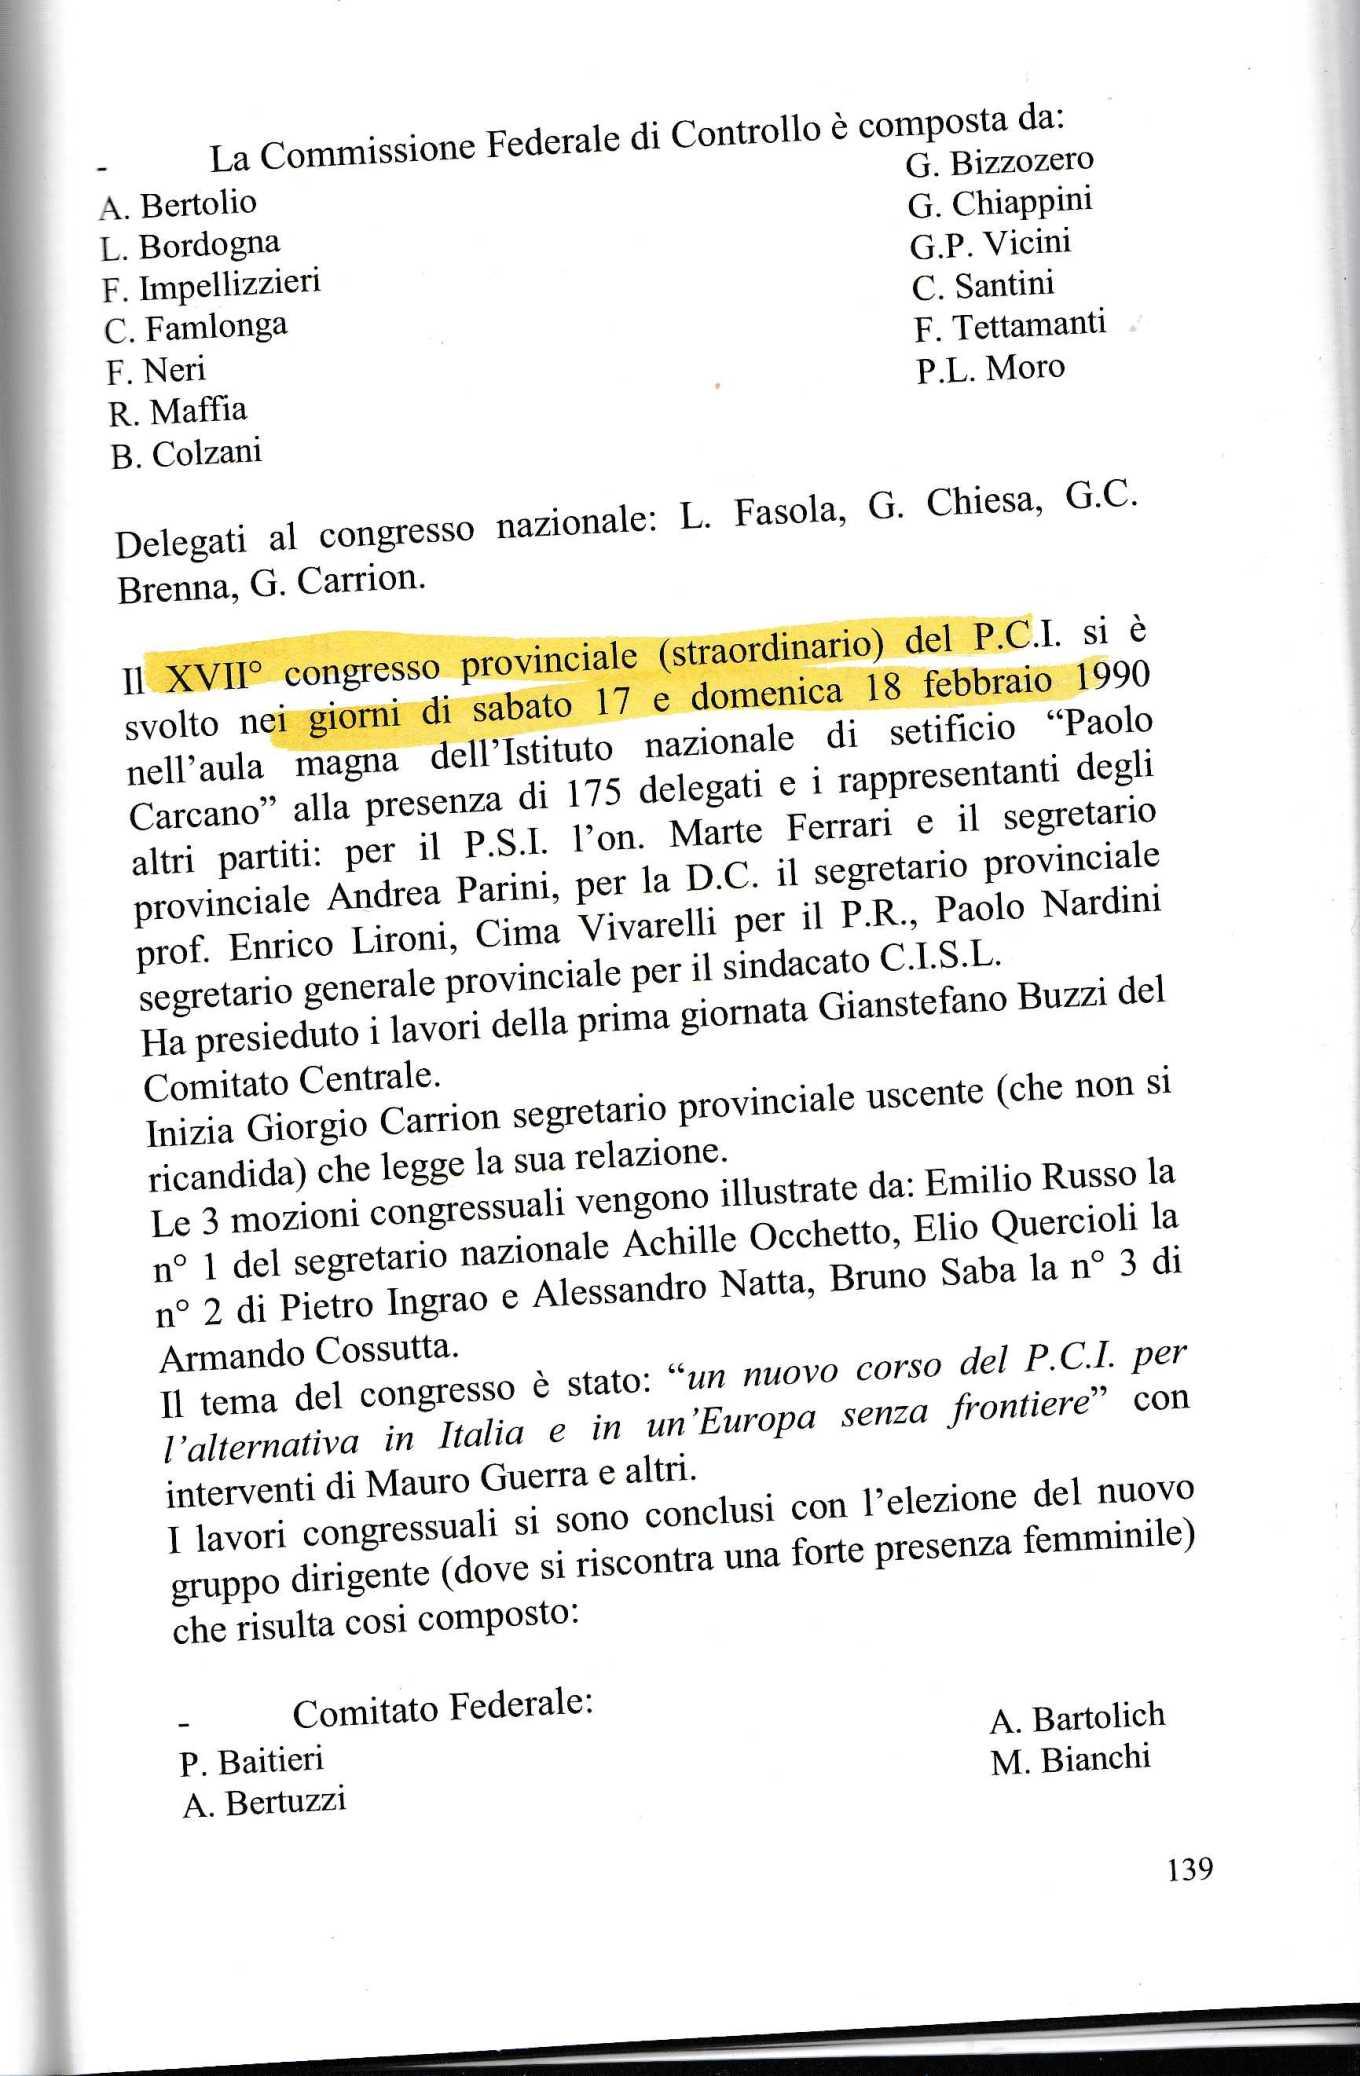 INDAVURU PCI COMO 2402